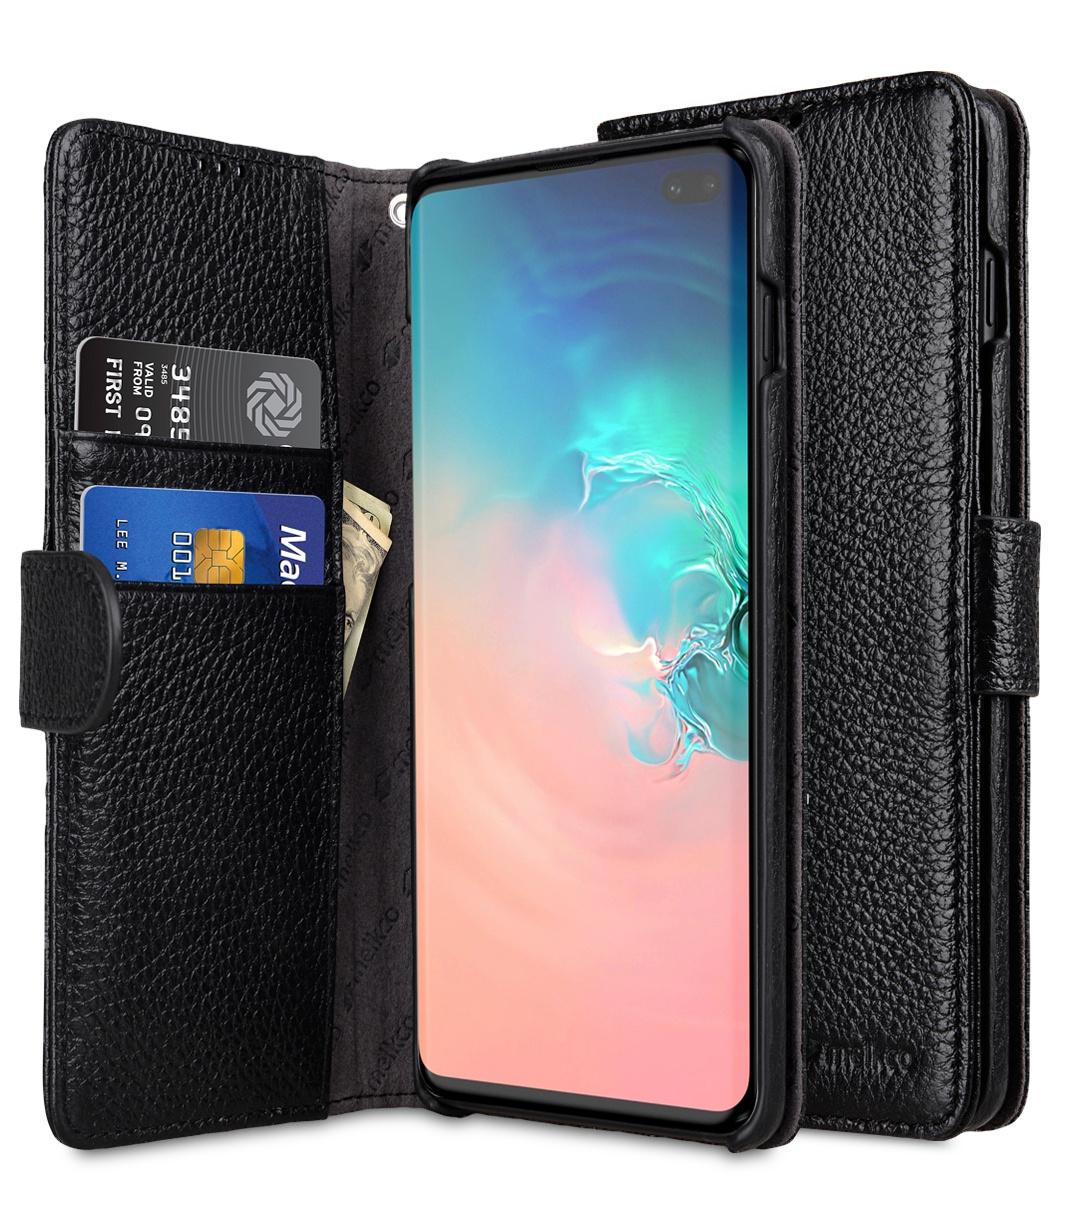 Чехол для сотового телефона Melkco Кожаный чехол книжка для Samsung Galaxy S10+ - Wallet Book Type, черный